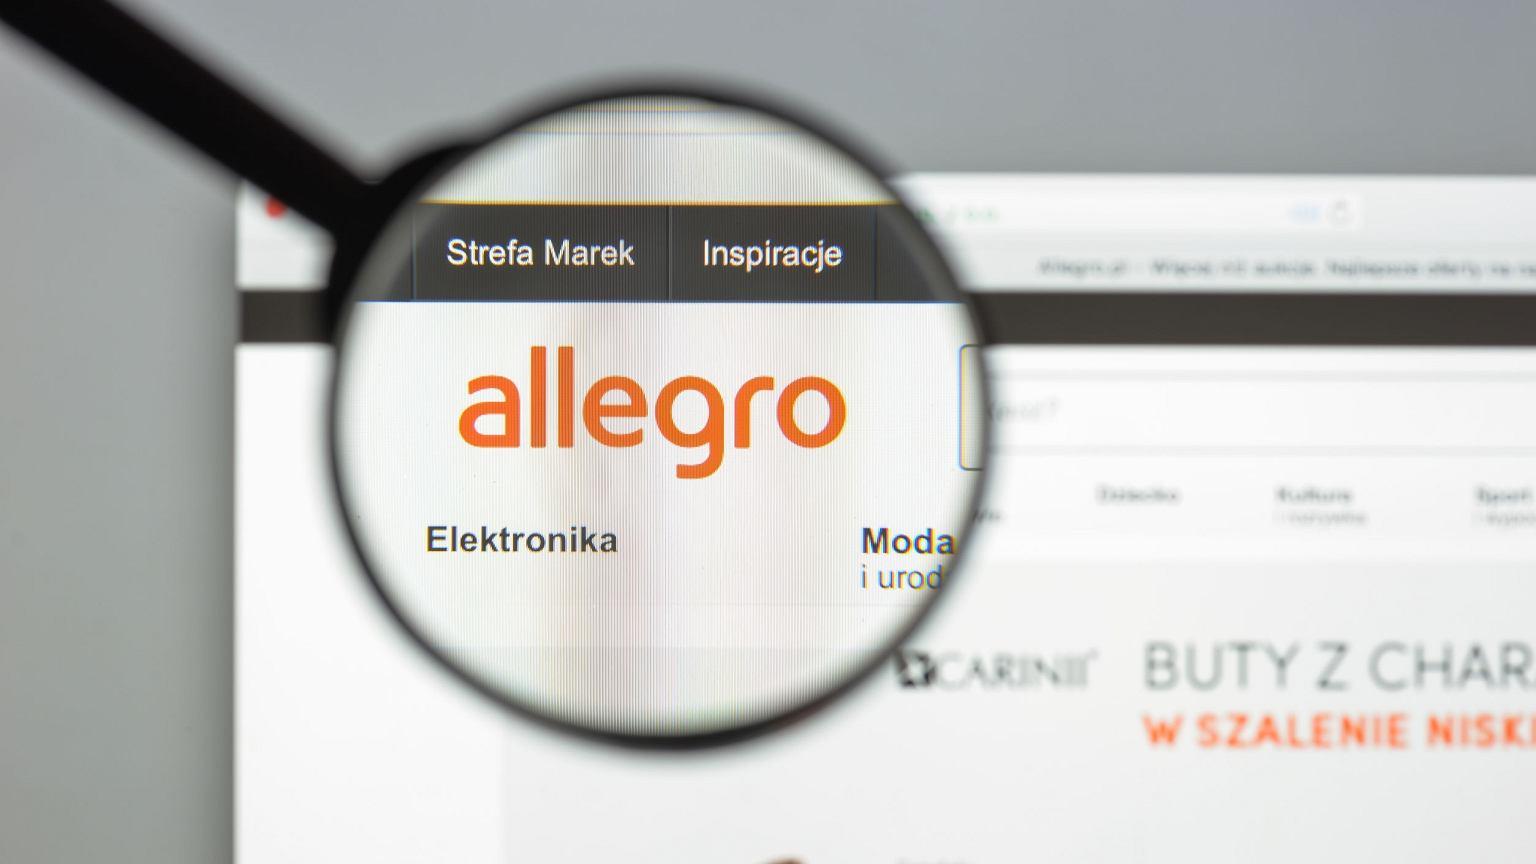 Allegro Od 1 Wrzesnia Zmiany W Dzialalnosci Serwisu Wsrod Nich Mozliwosc Powiazania Kont Technologie Na Next Gazeta